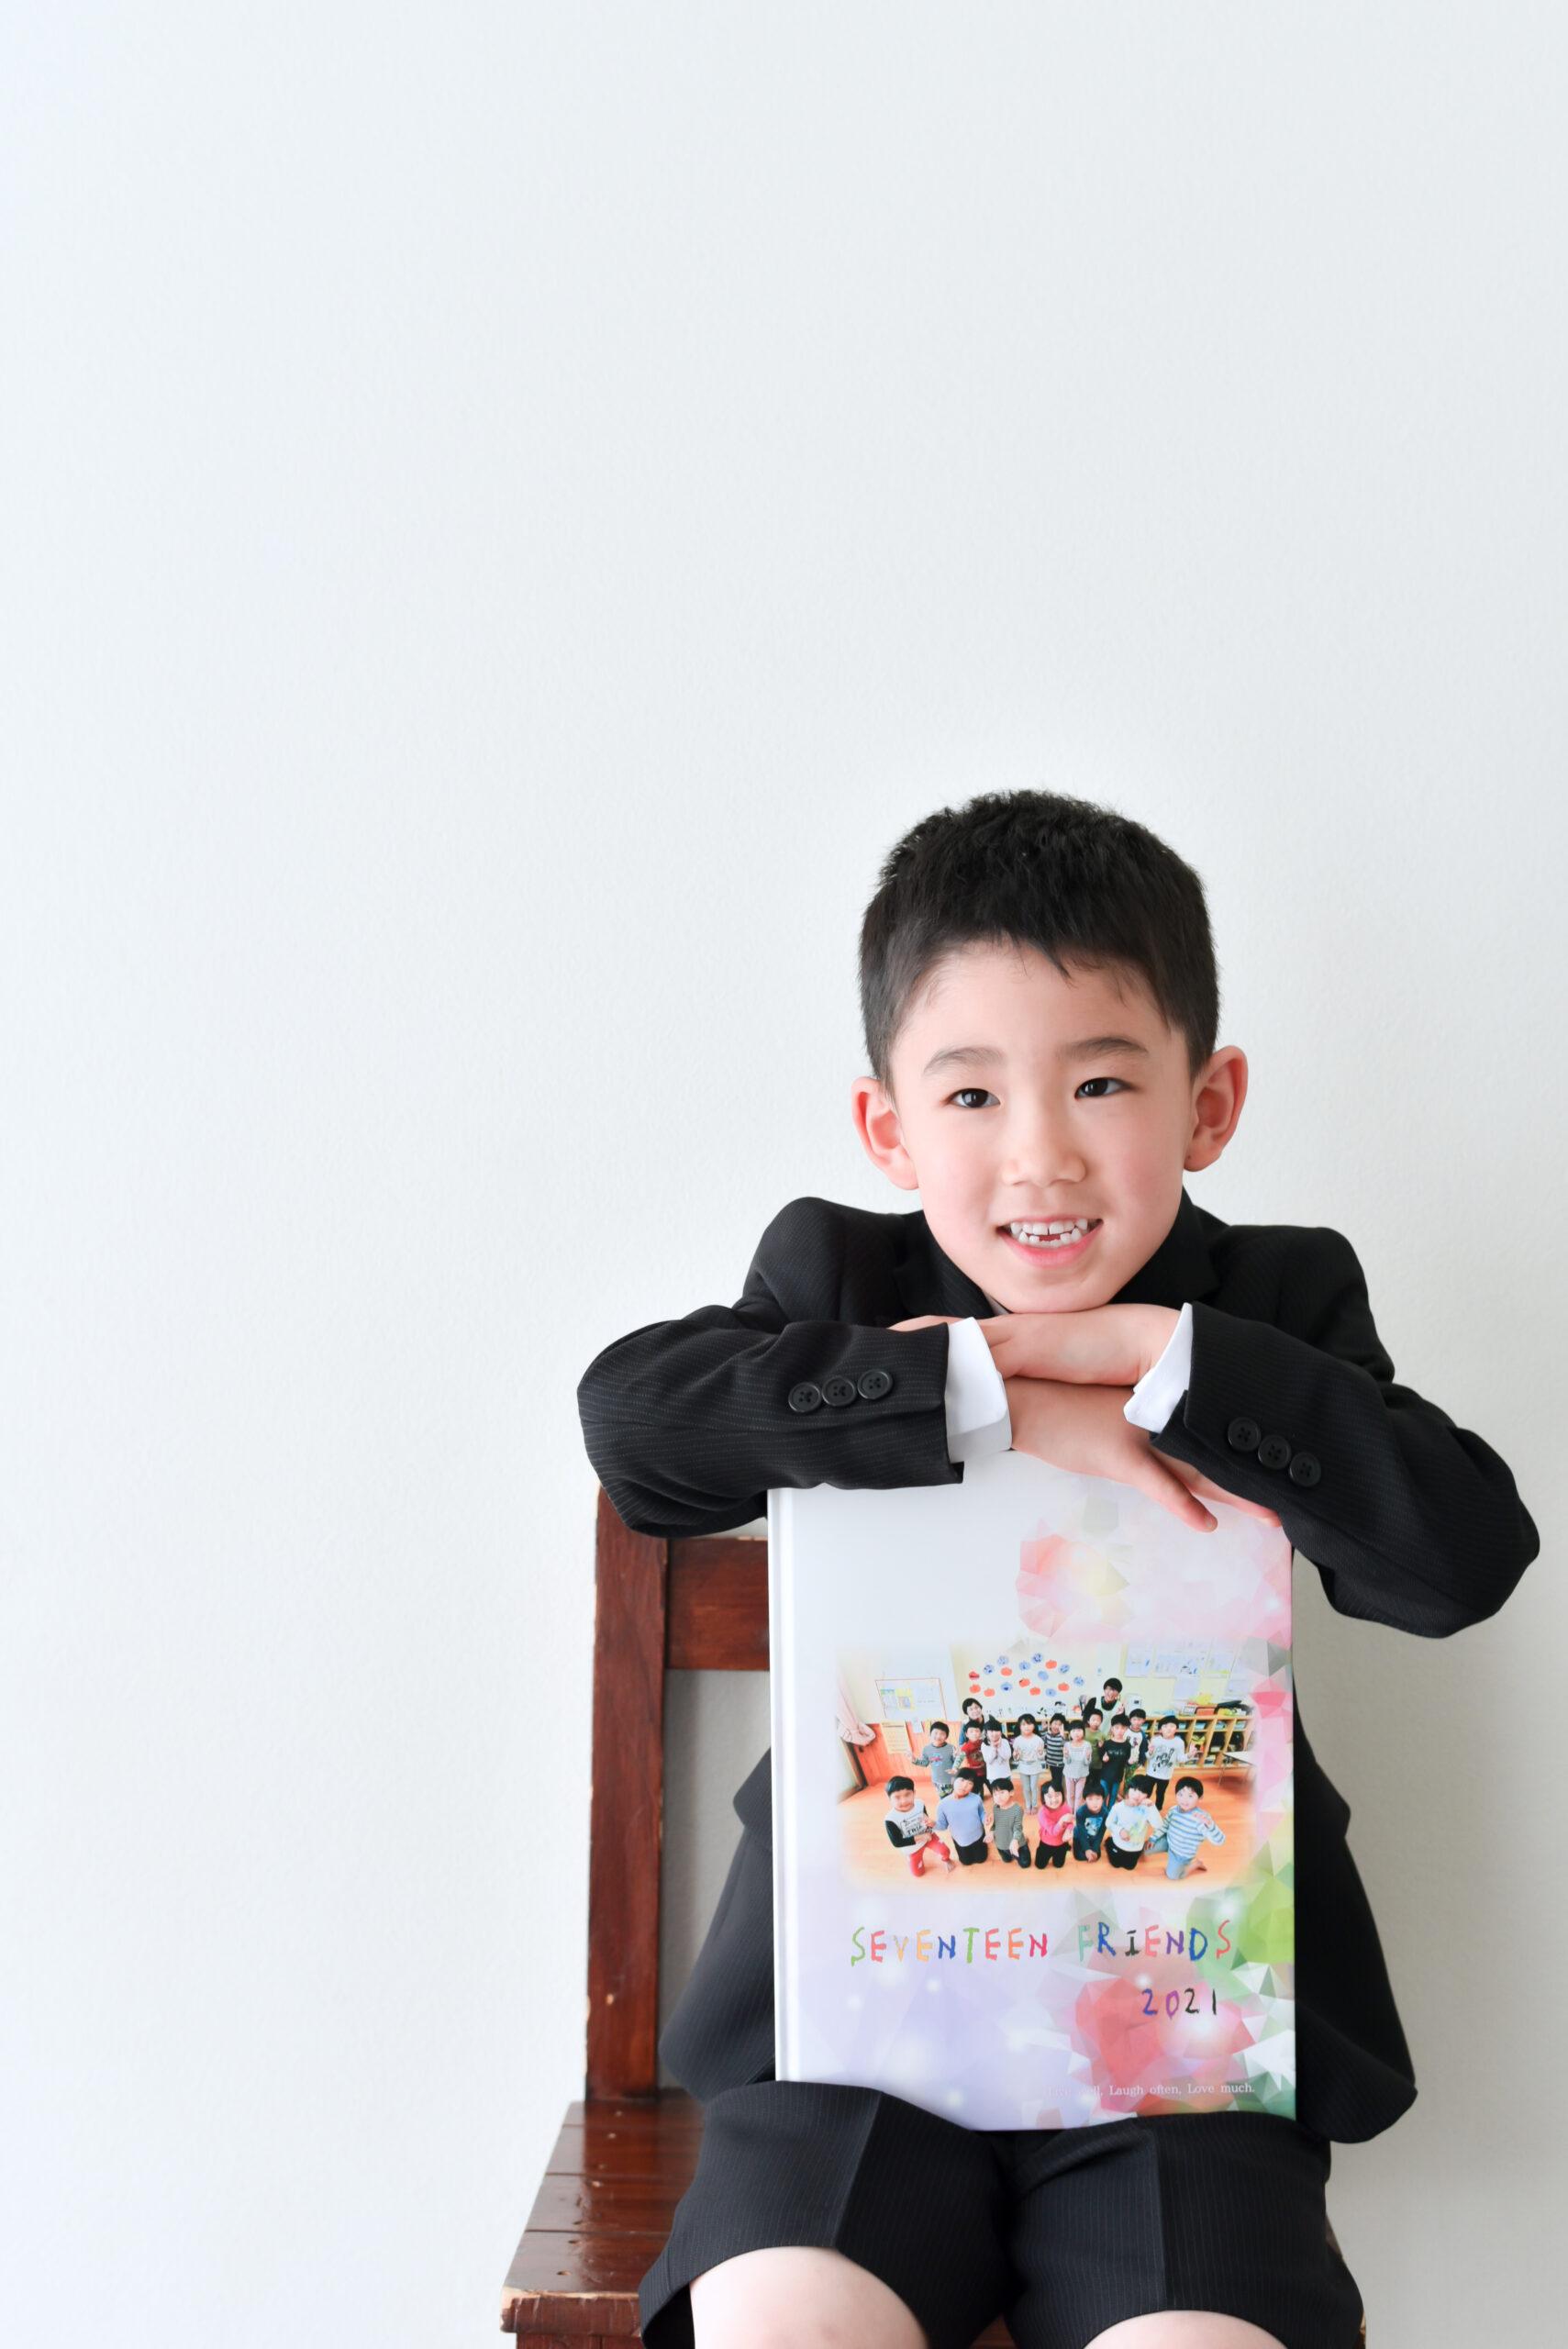 6歳男の子 小学校入学写真 ランドセルと写真 幼稚園卒業写真 幼稚園アルバムと記念写真